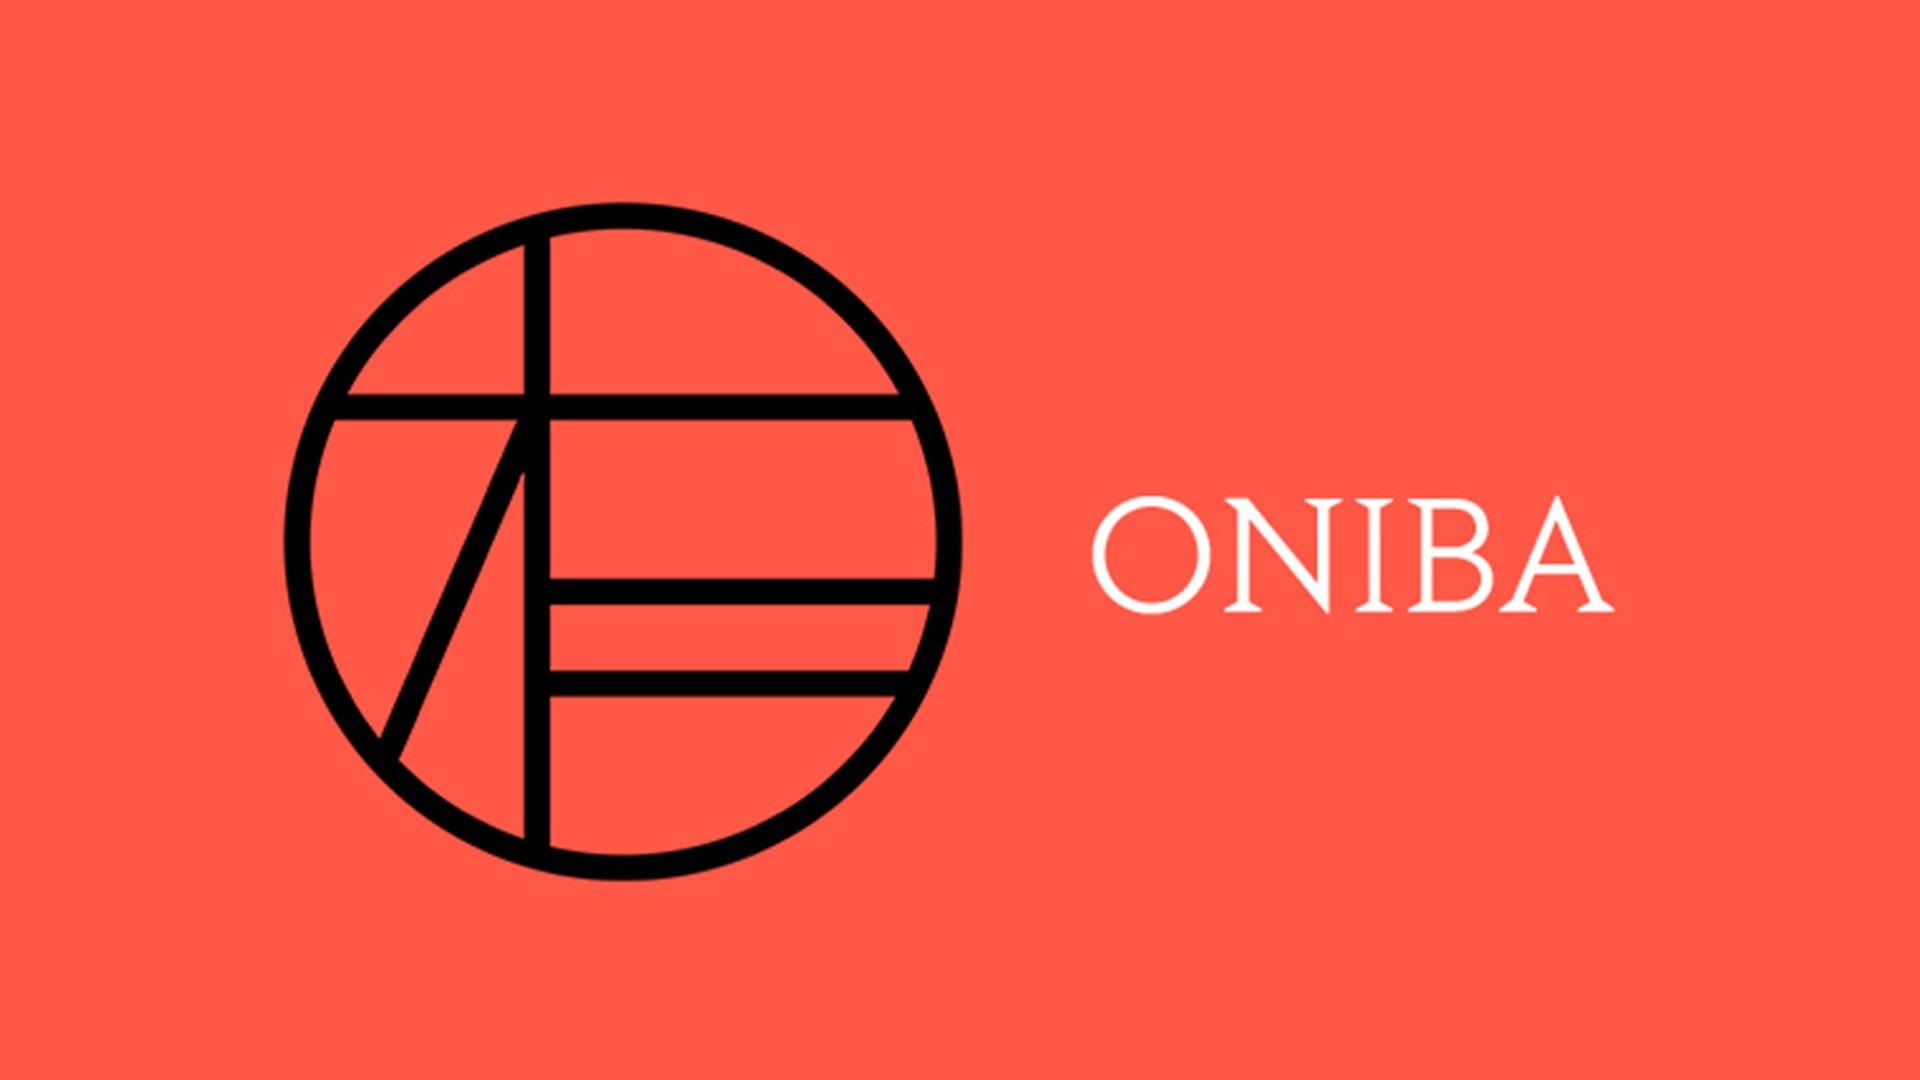 Oniba